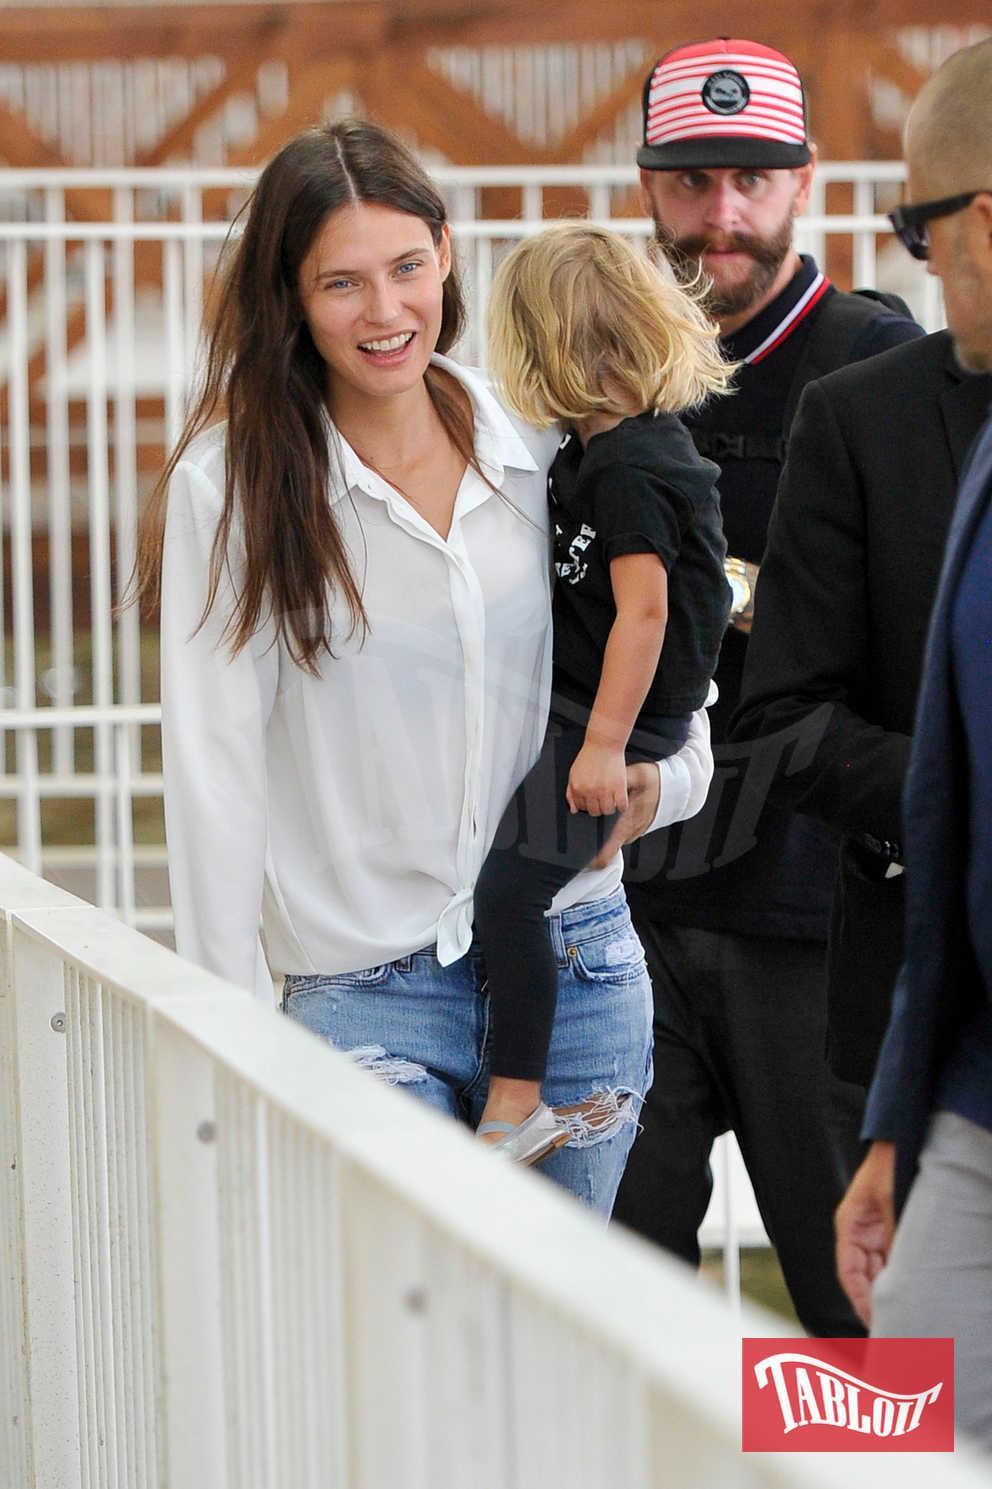 Bianca Balti insieme al marito Matthew McRae e la piccola Mia mentre lasciano Venezia, dopo la partecipazione della modella alla Mostra del Cinema